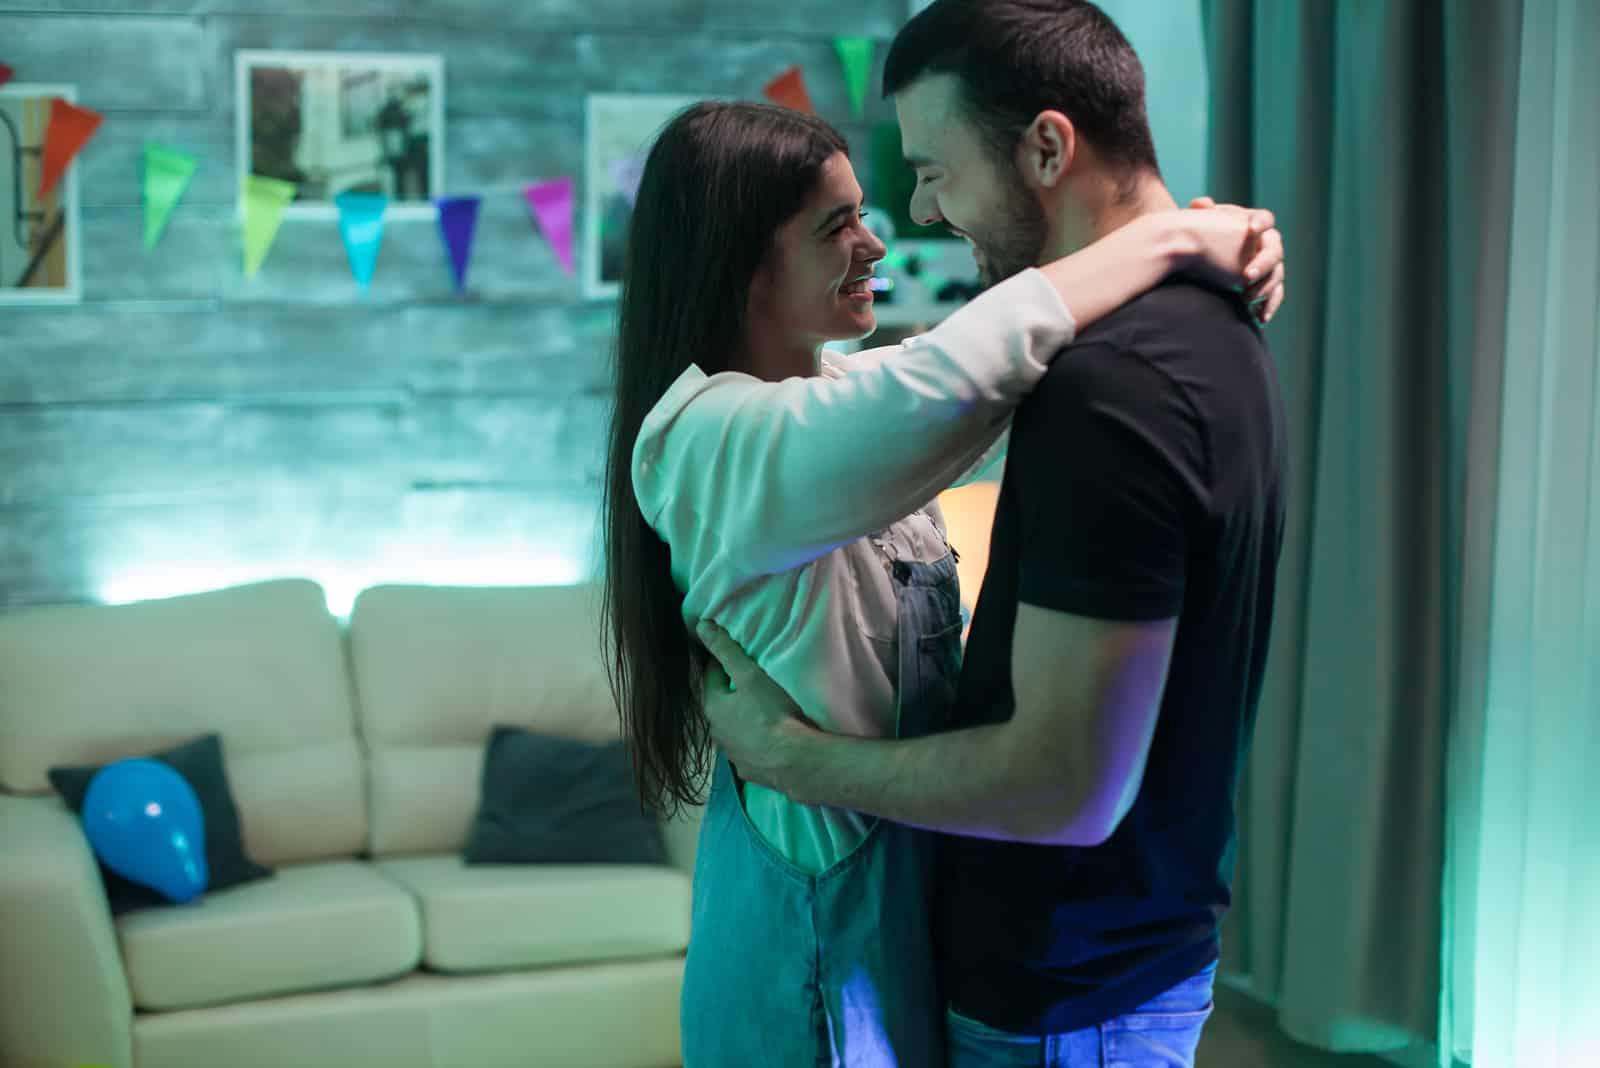 ein liebendes Paar tanzt im Haus